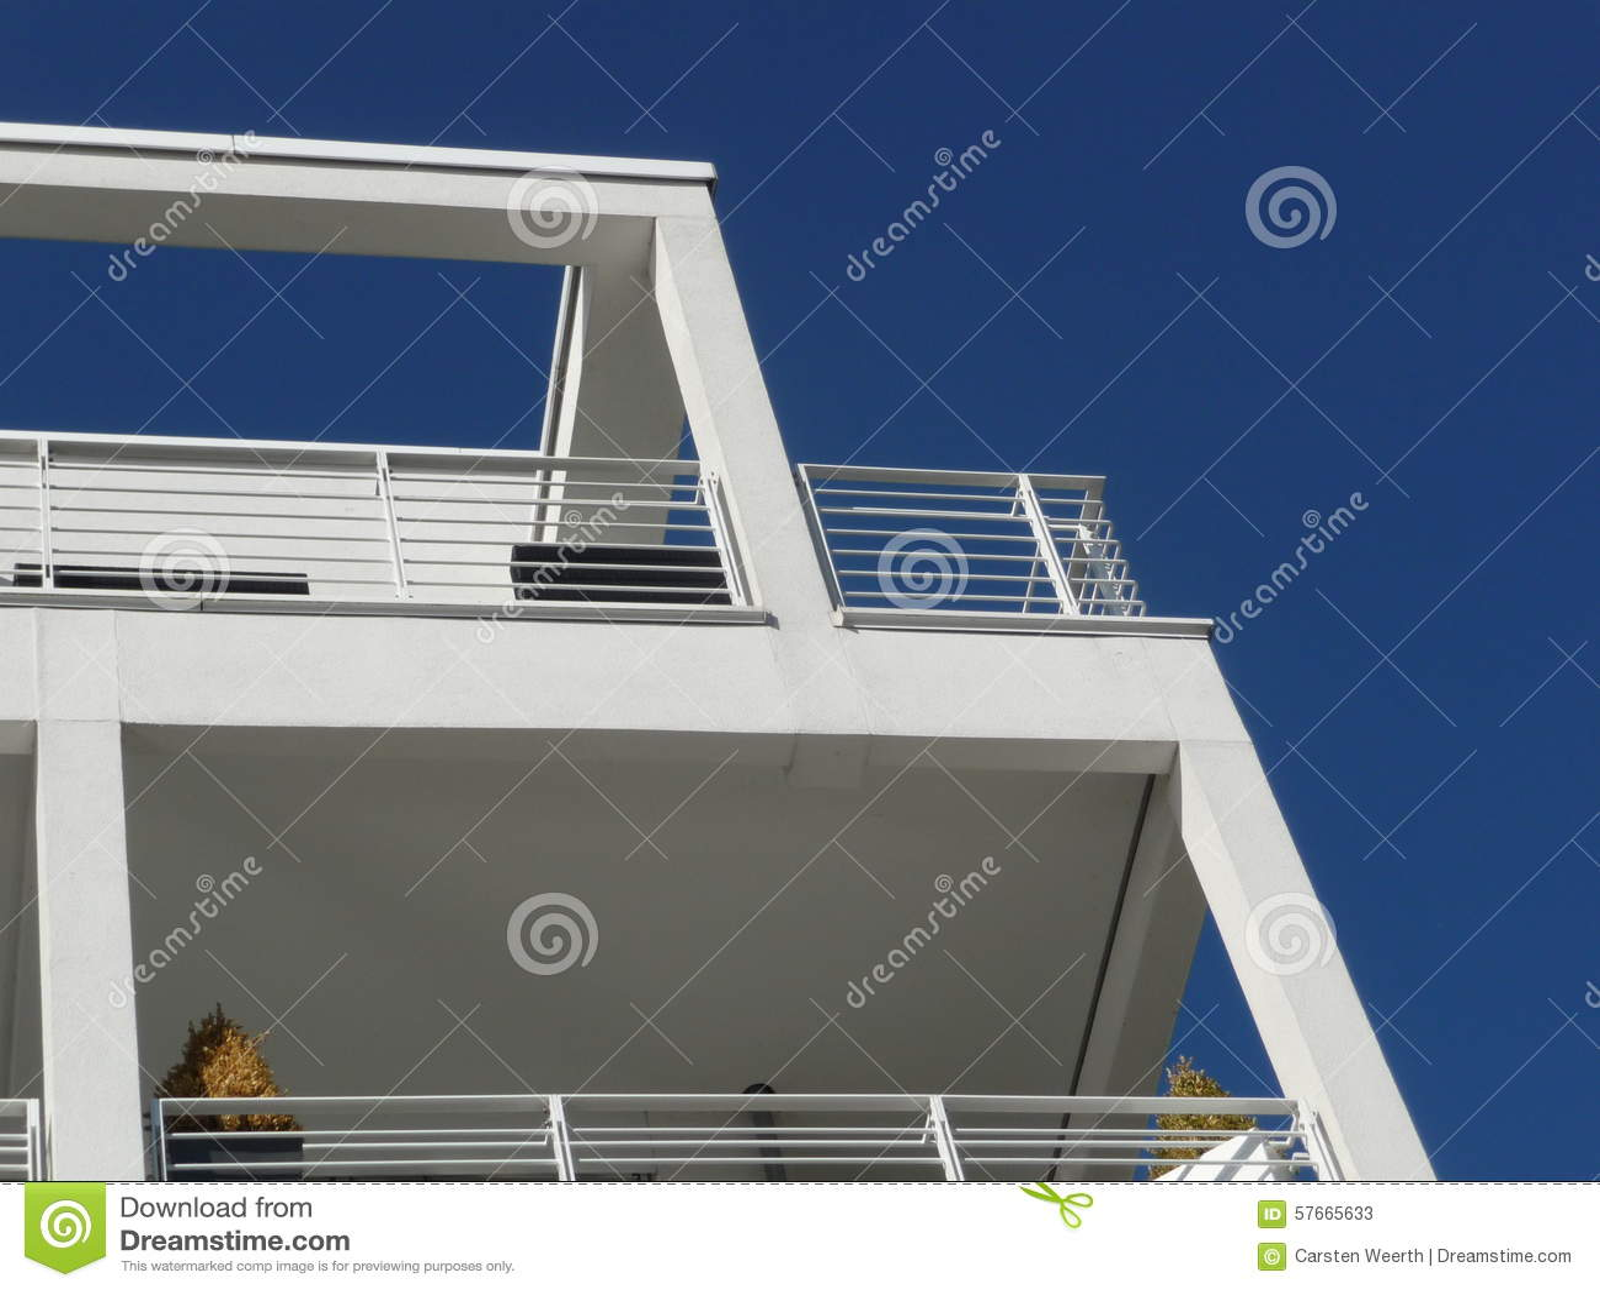 Würfelgebäudedetails und -balkon von unterhalb gesehen